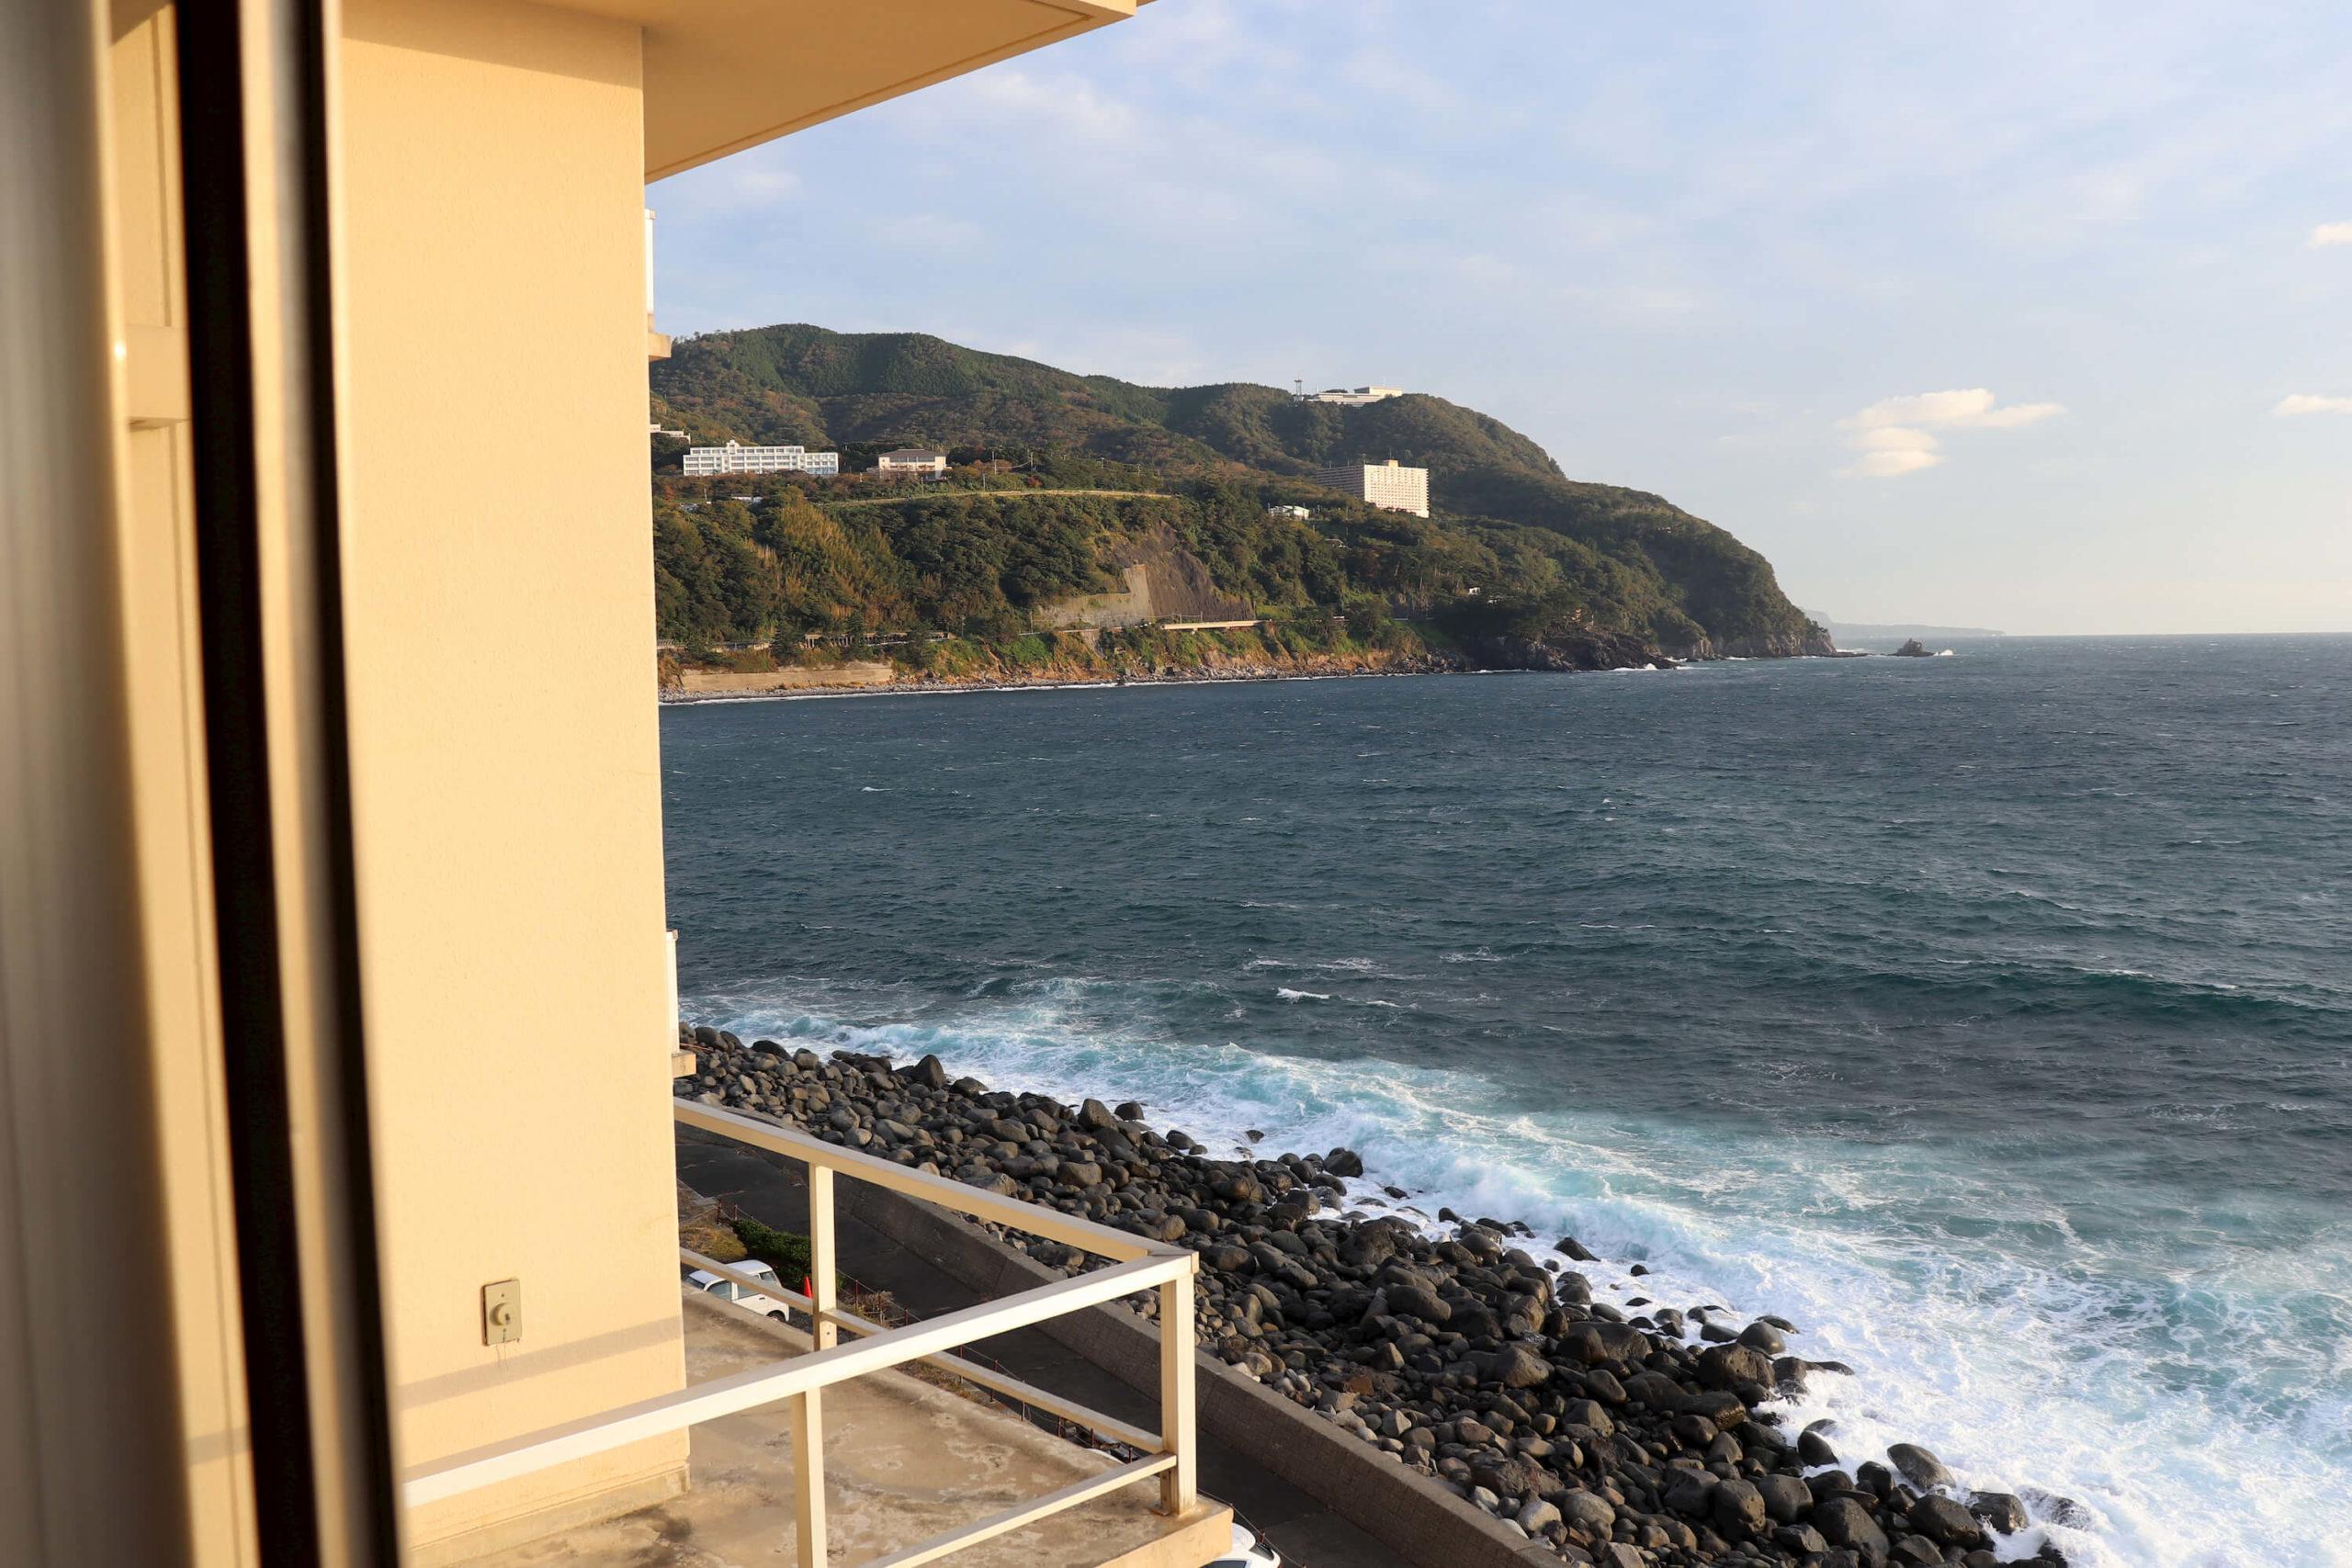 浜の湯の客室から見える海